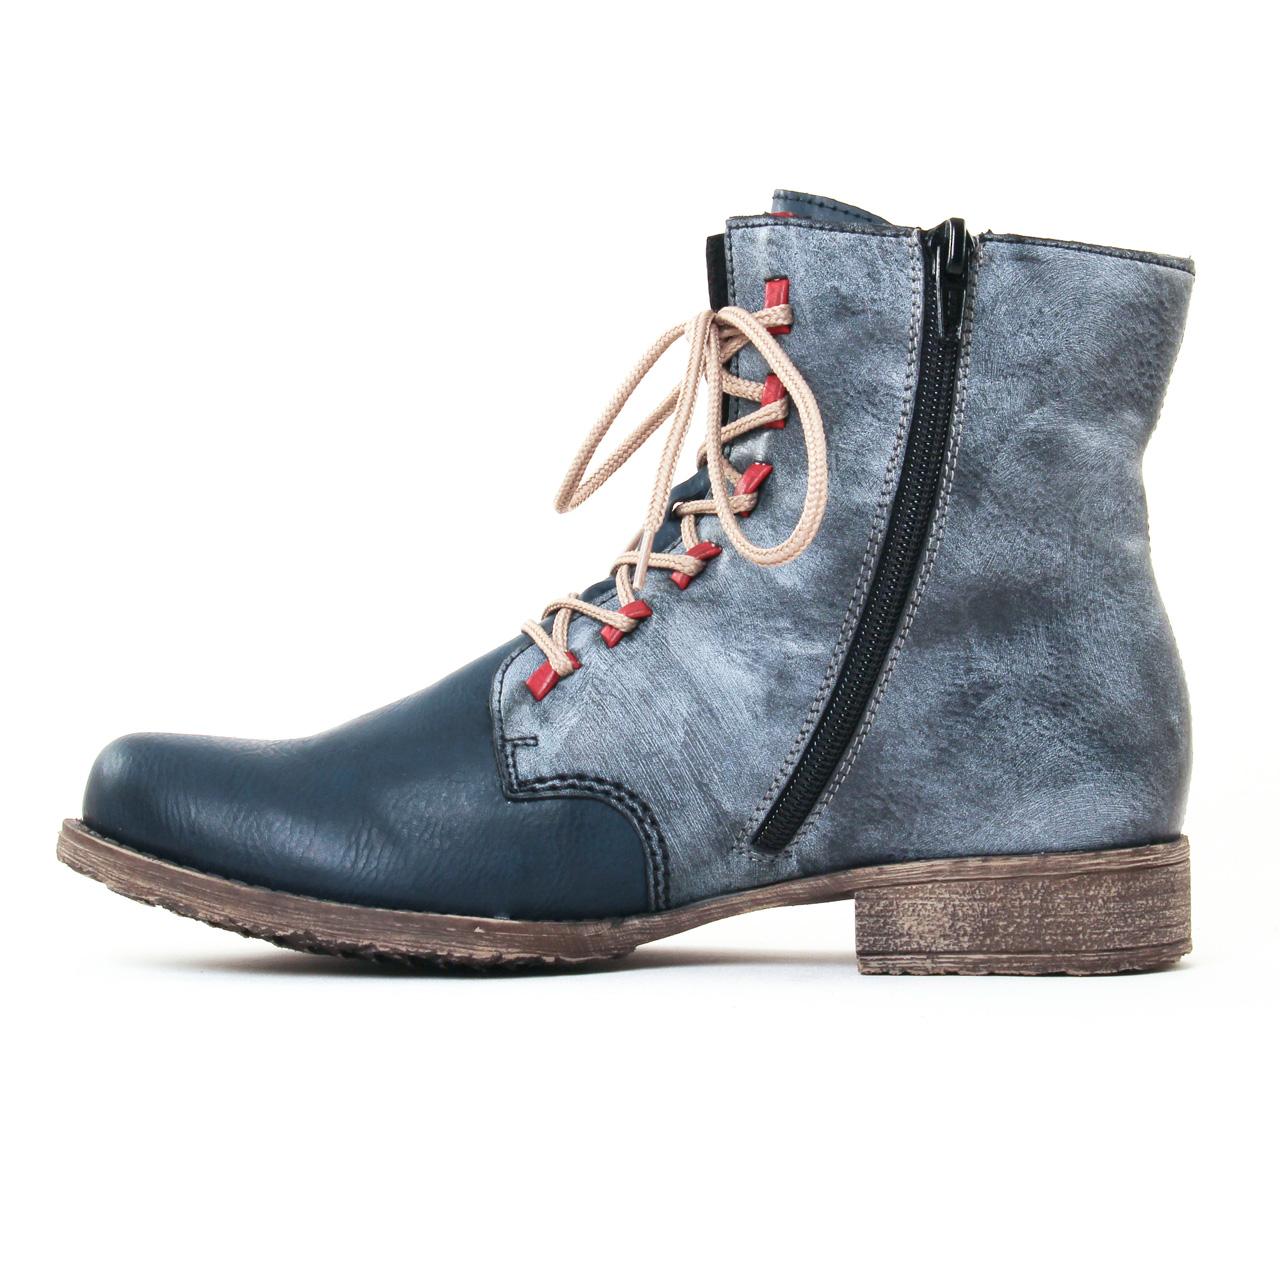 5f47b2630129f6 Rieker 70805 Gris Beige   bottine à lacets bleu gris automne hiver ...